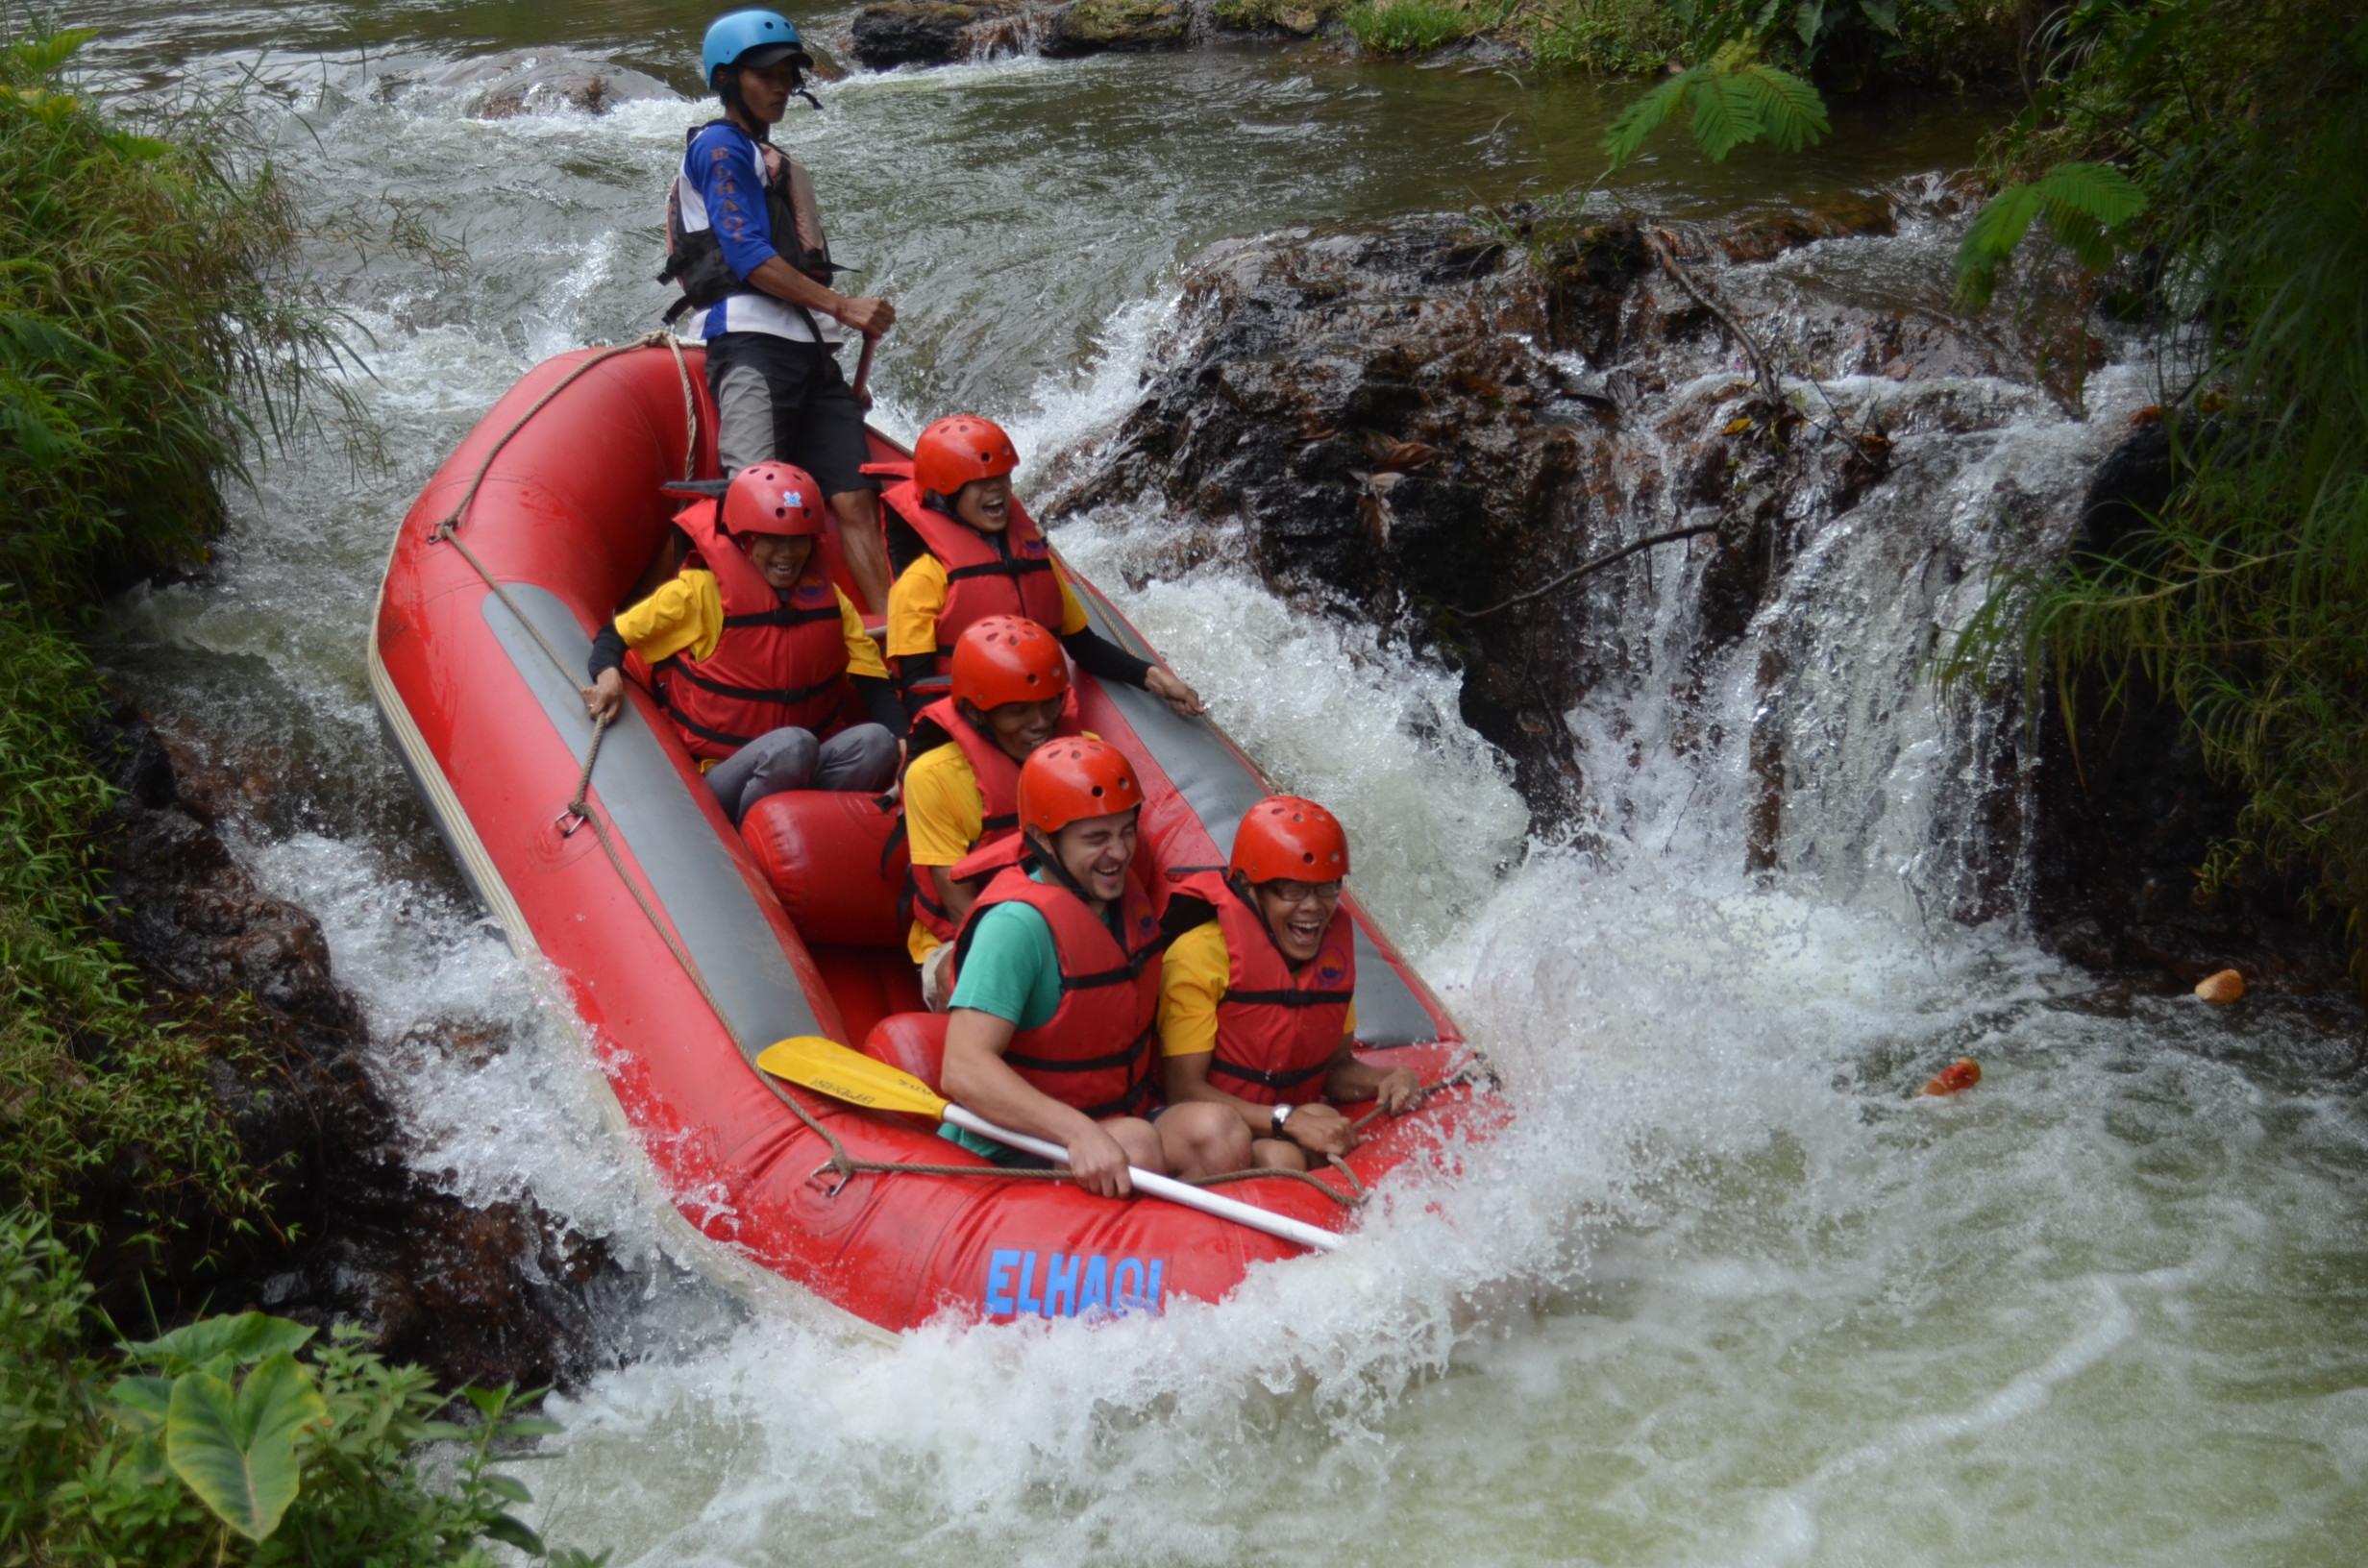 wahana-wisata-rafting-pangalengan-bandung-selatan-2